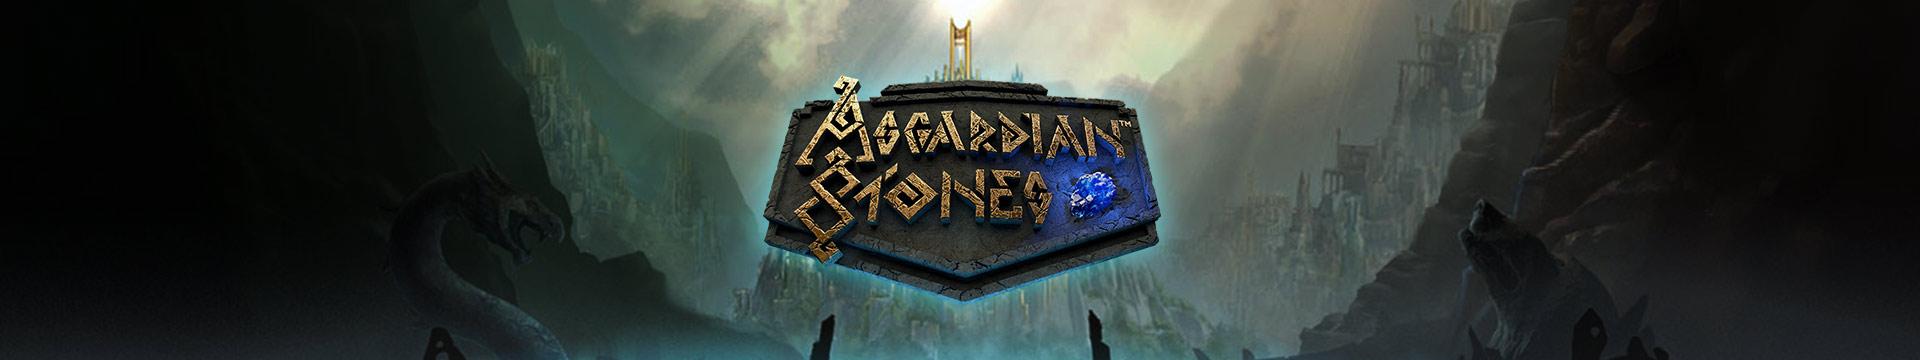 Slider Banner - Asgardian Stones